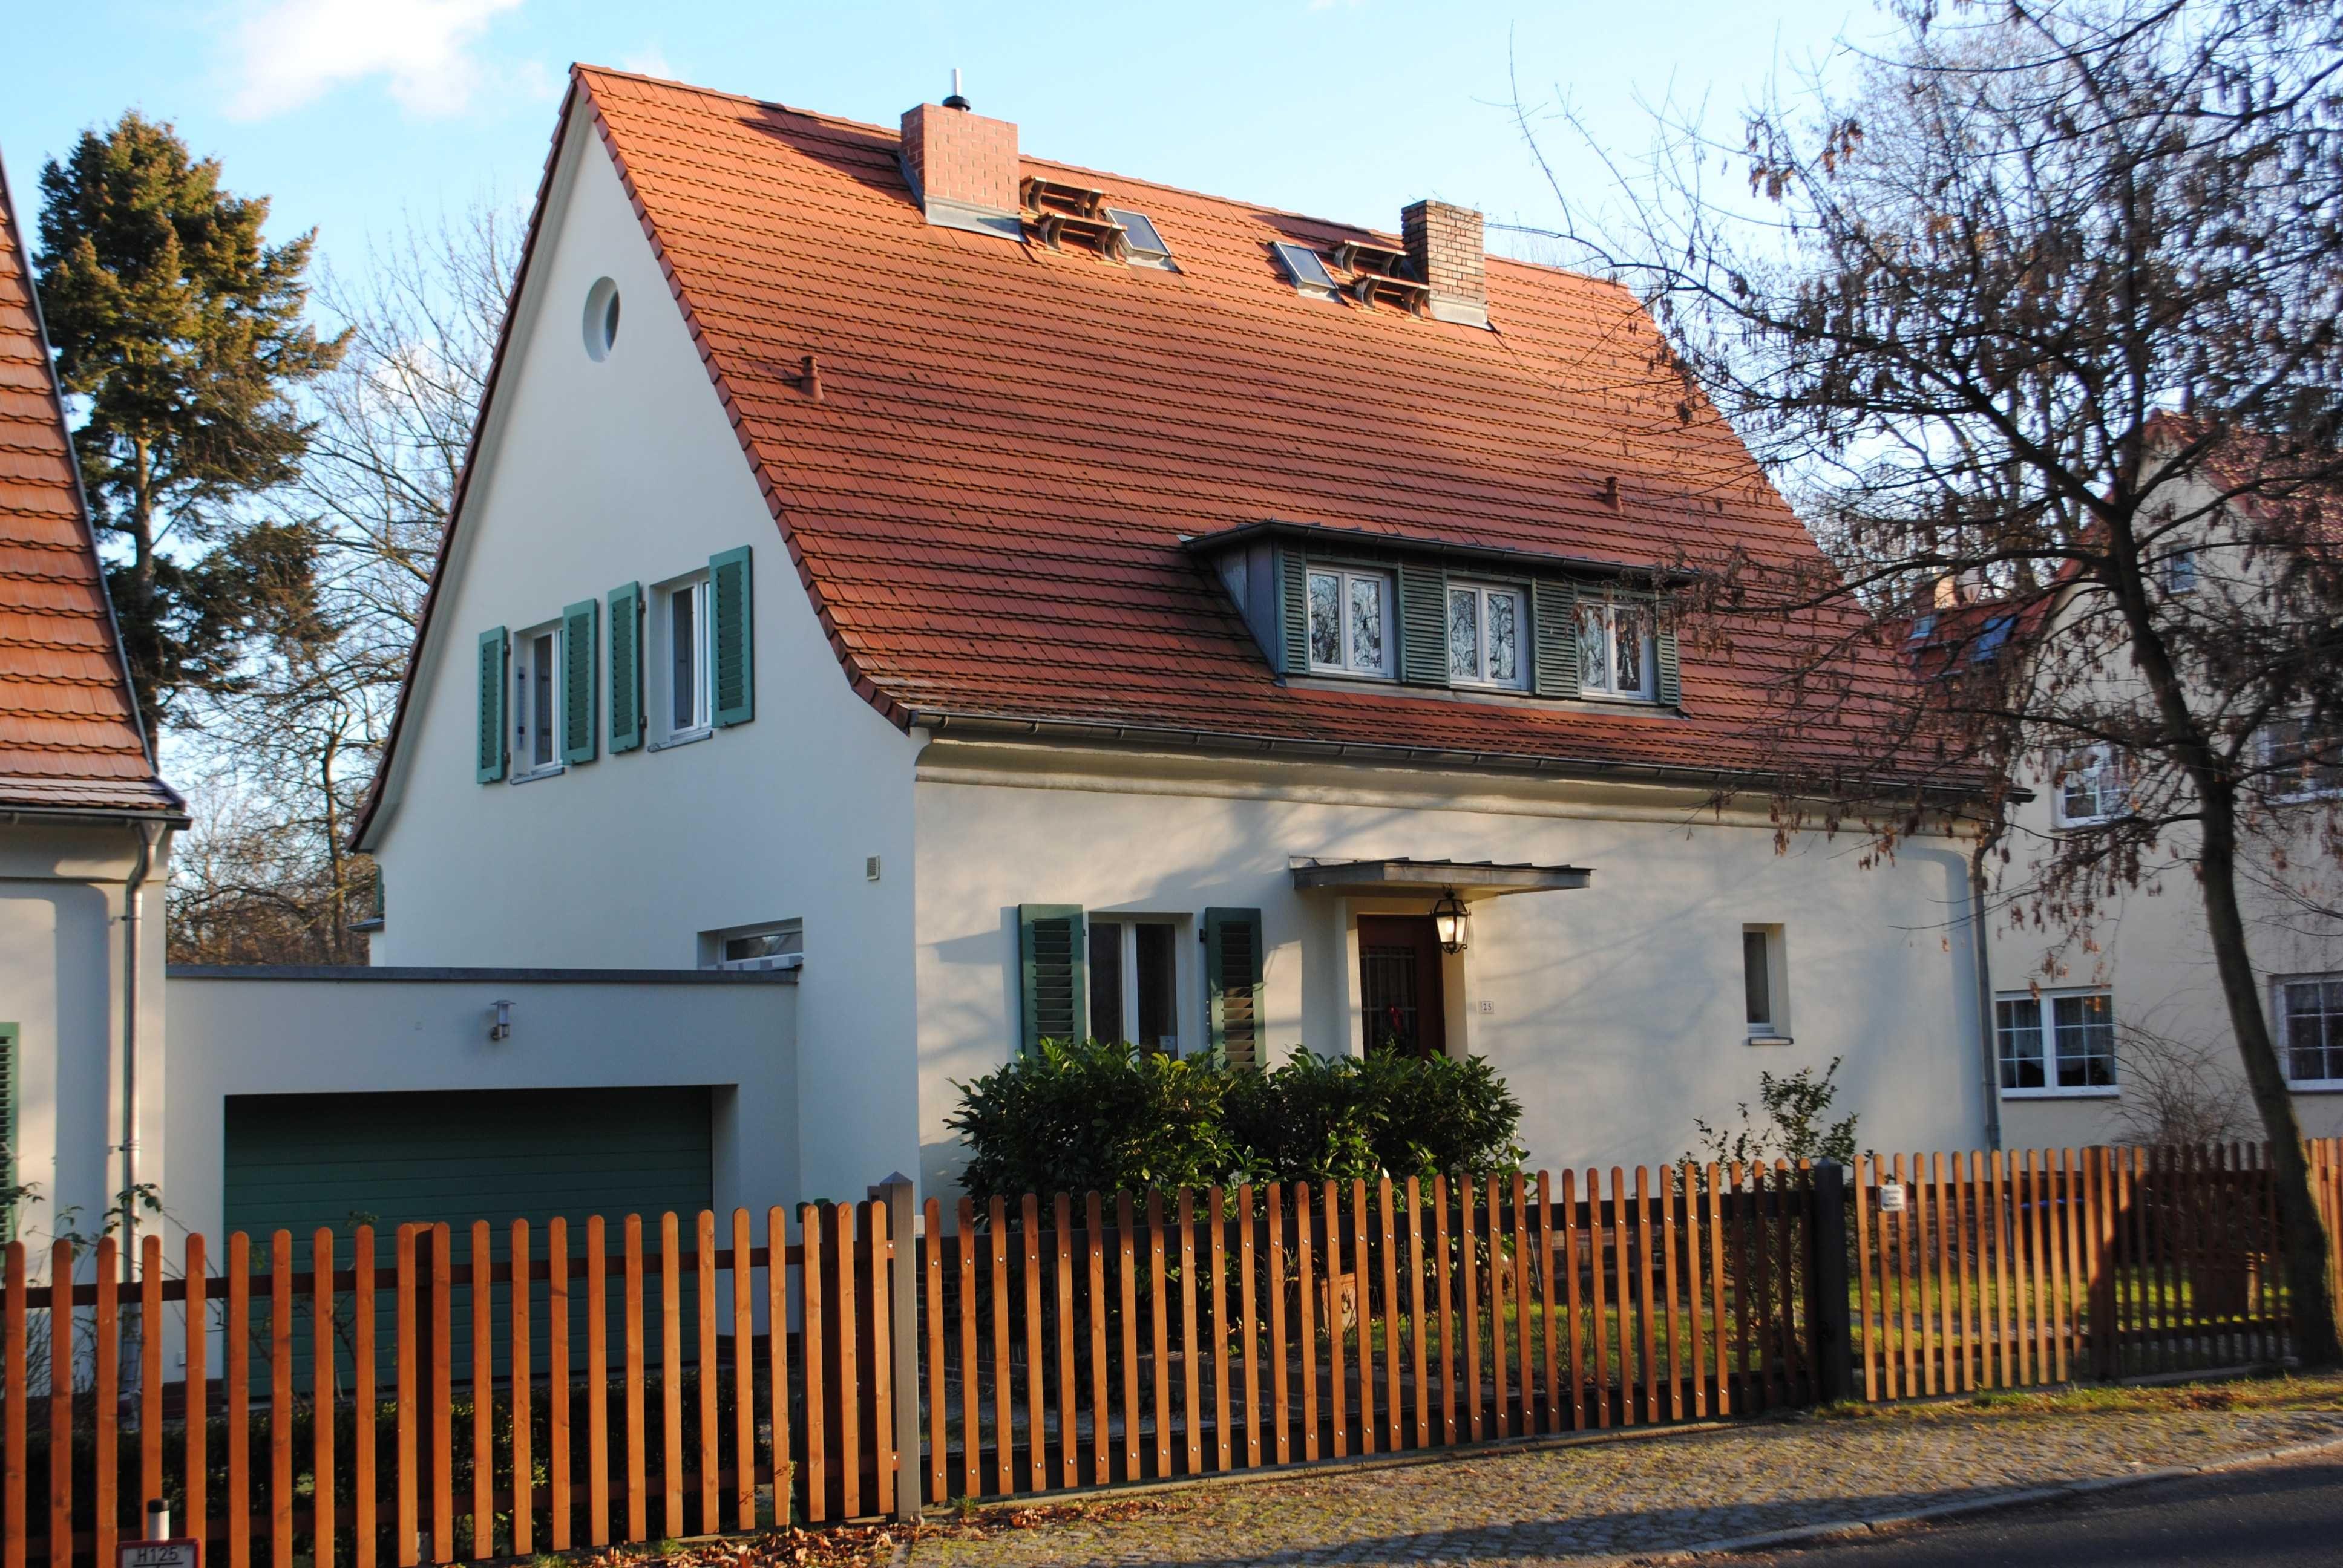 P Gr Weinmeister 25 Am 2012 Jpg 1930 Haus Haus Bauen Haus